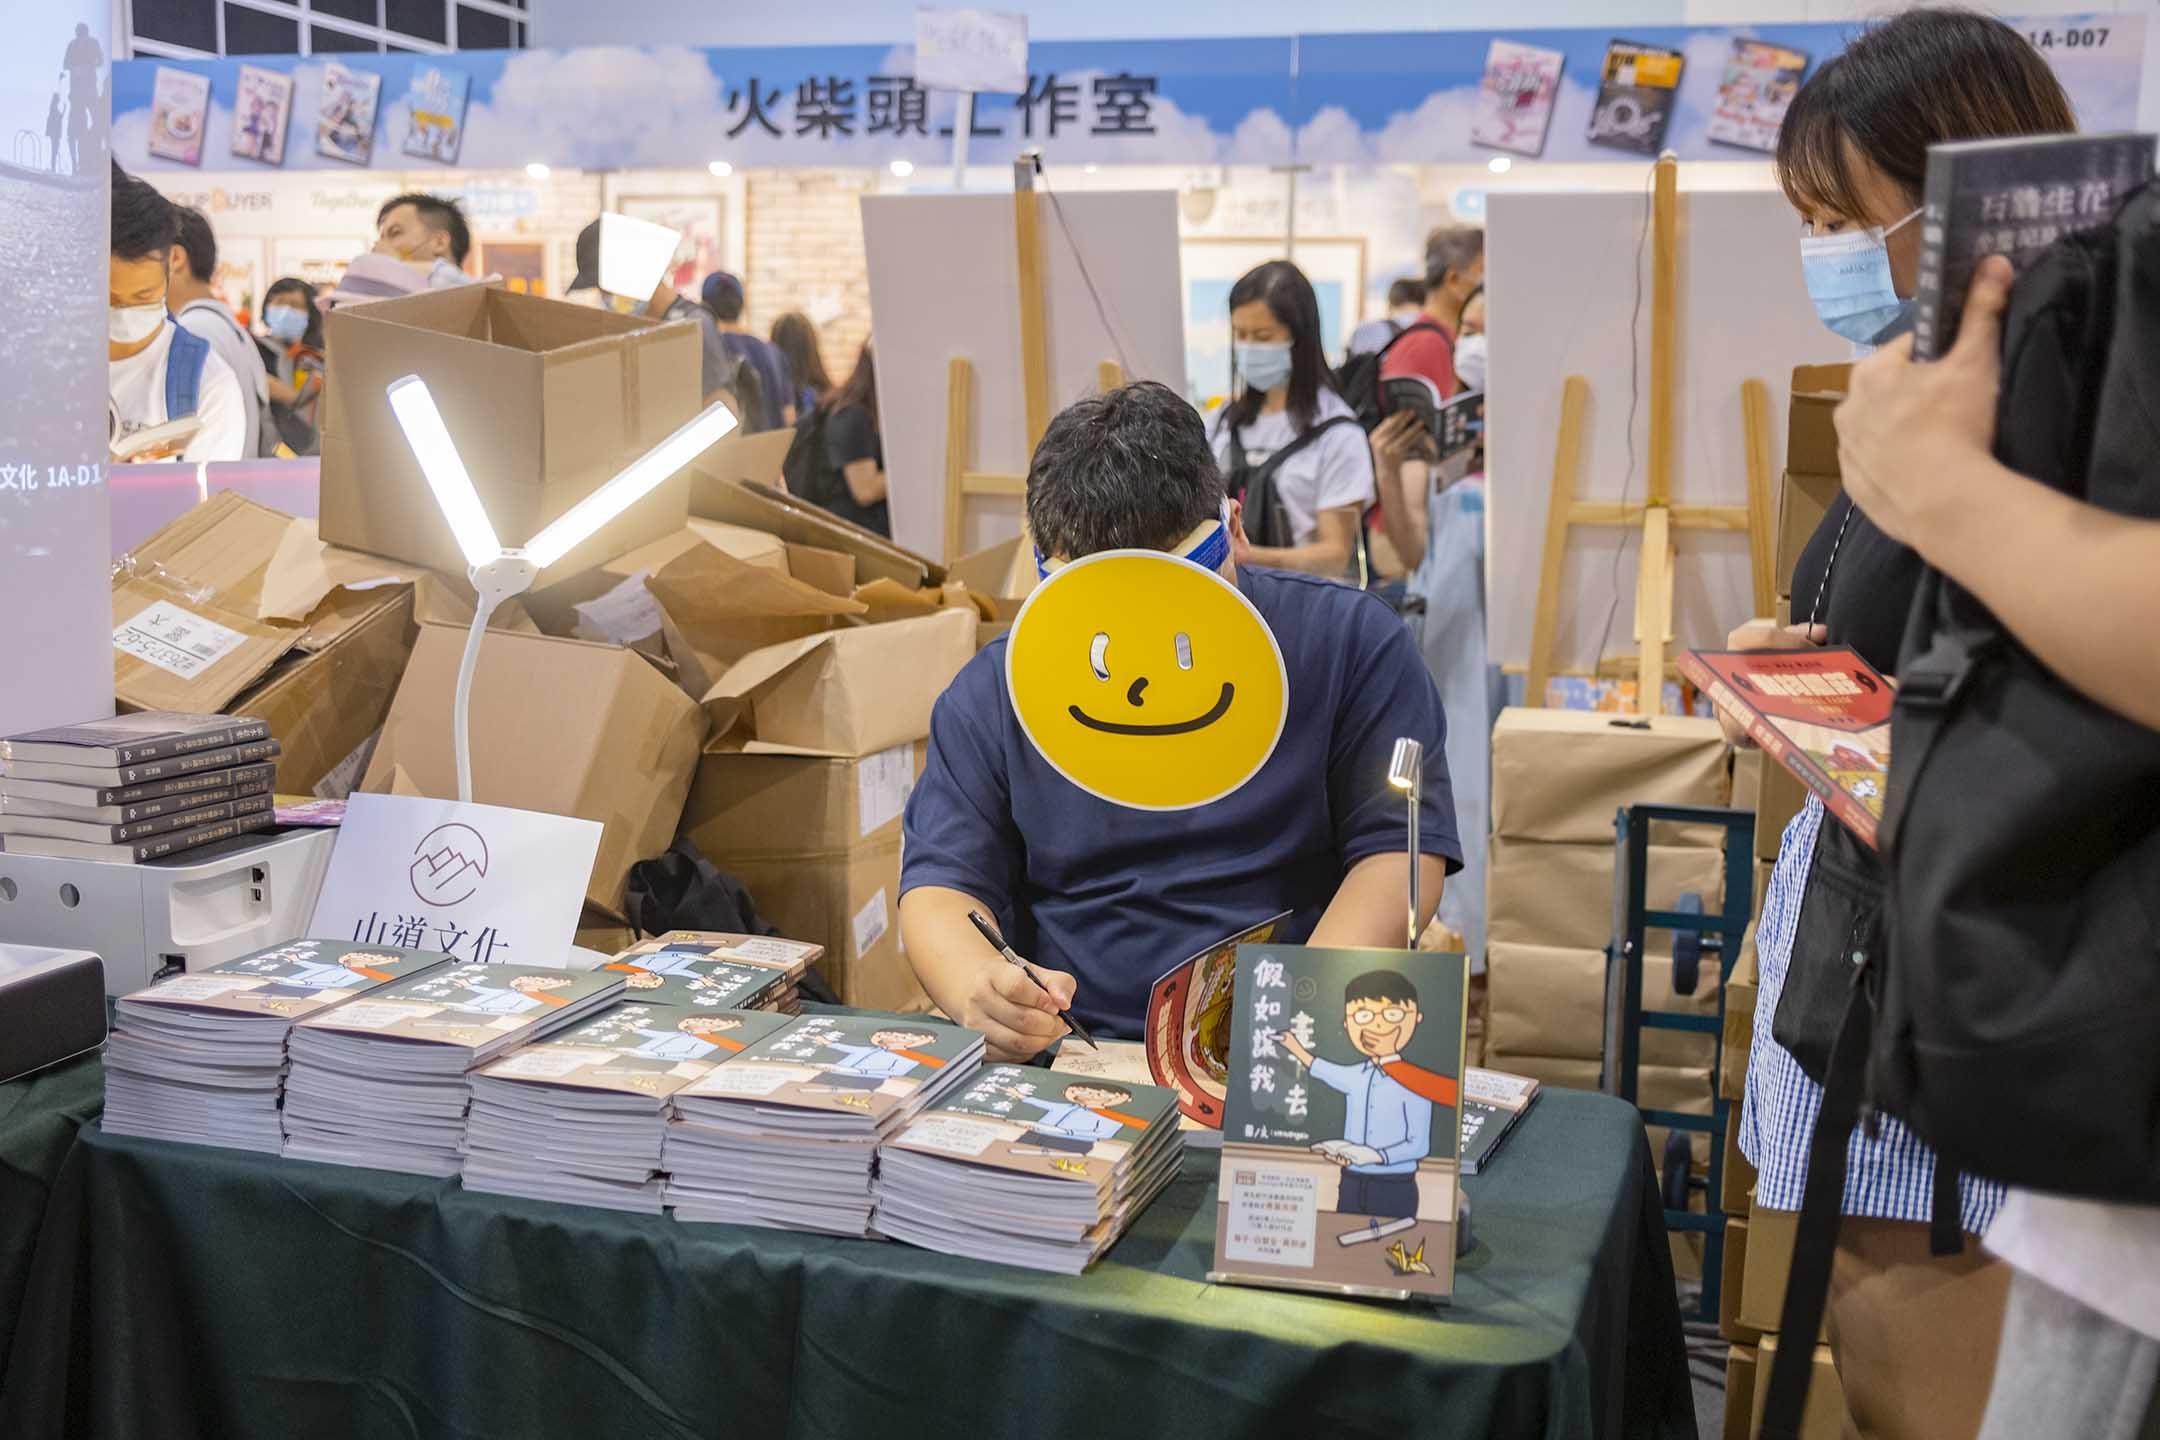 2021年7月18日香港書展,參展書商山道文化的攤檔,一名作者戴上臉具簽書。 攝:陳焯煇/端傳媒